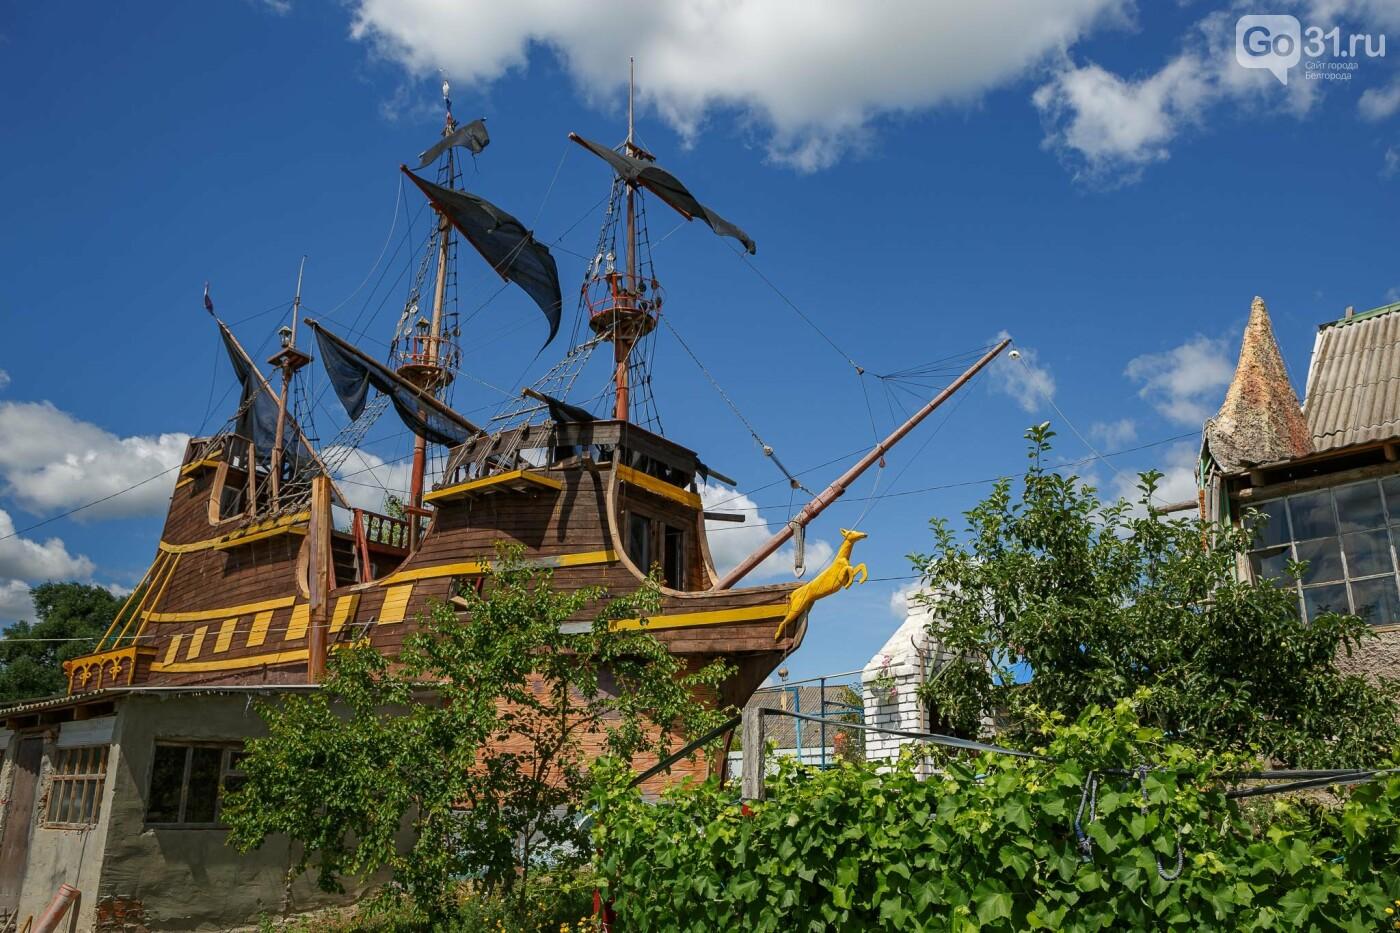 Корабль из гаража. Как создавался пиратский галеон в Купино, фото-24, Фото: Антон Вергун